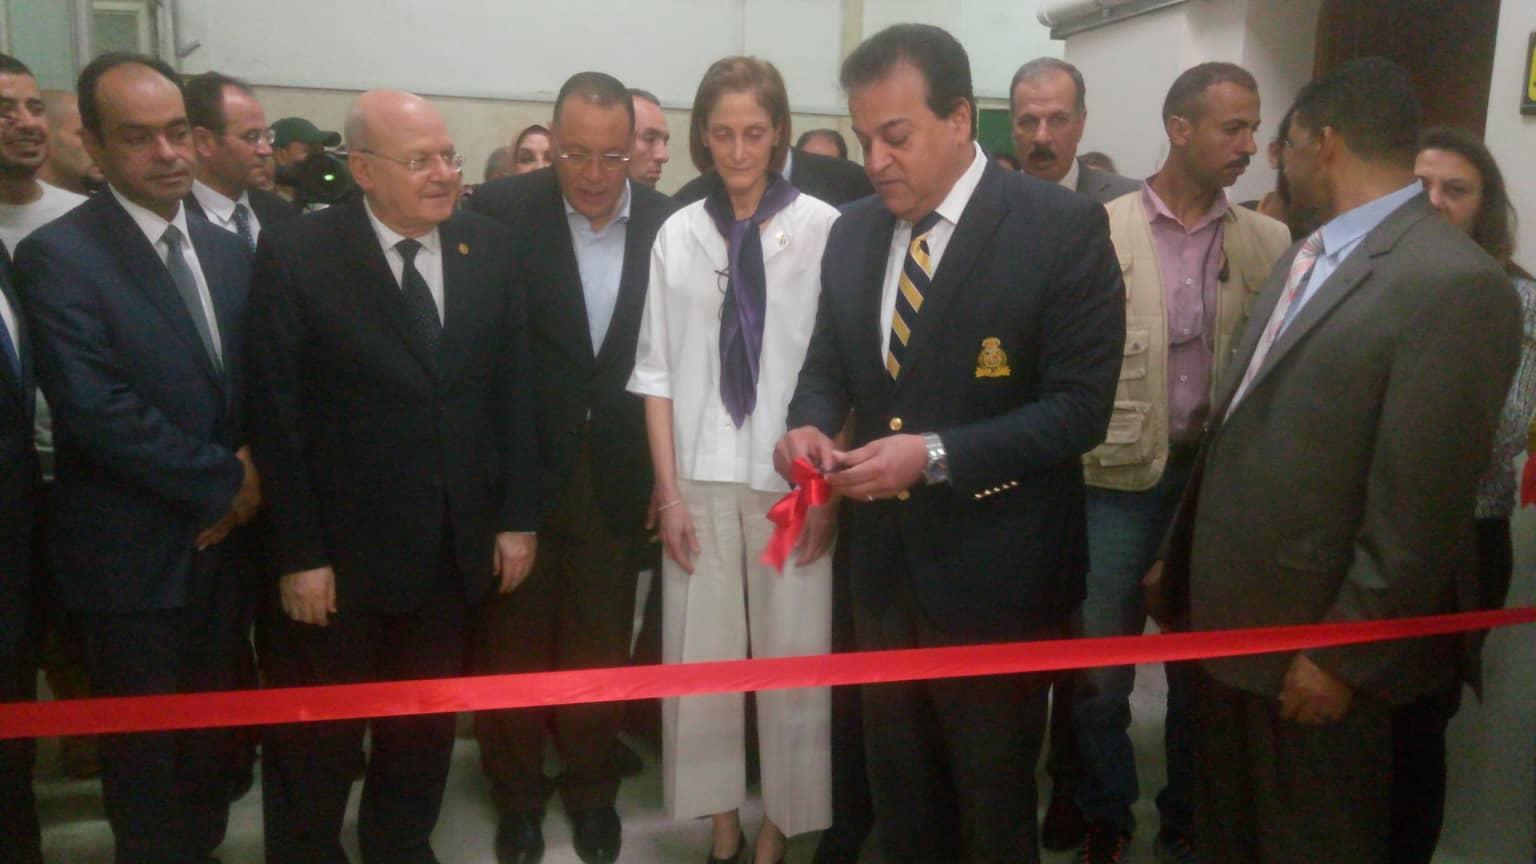 التعليم العالي يفتتح مراكز التطوير المهني بجامعة الزقازيق 2